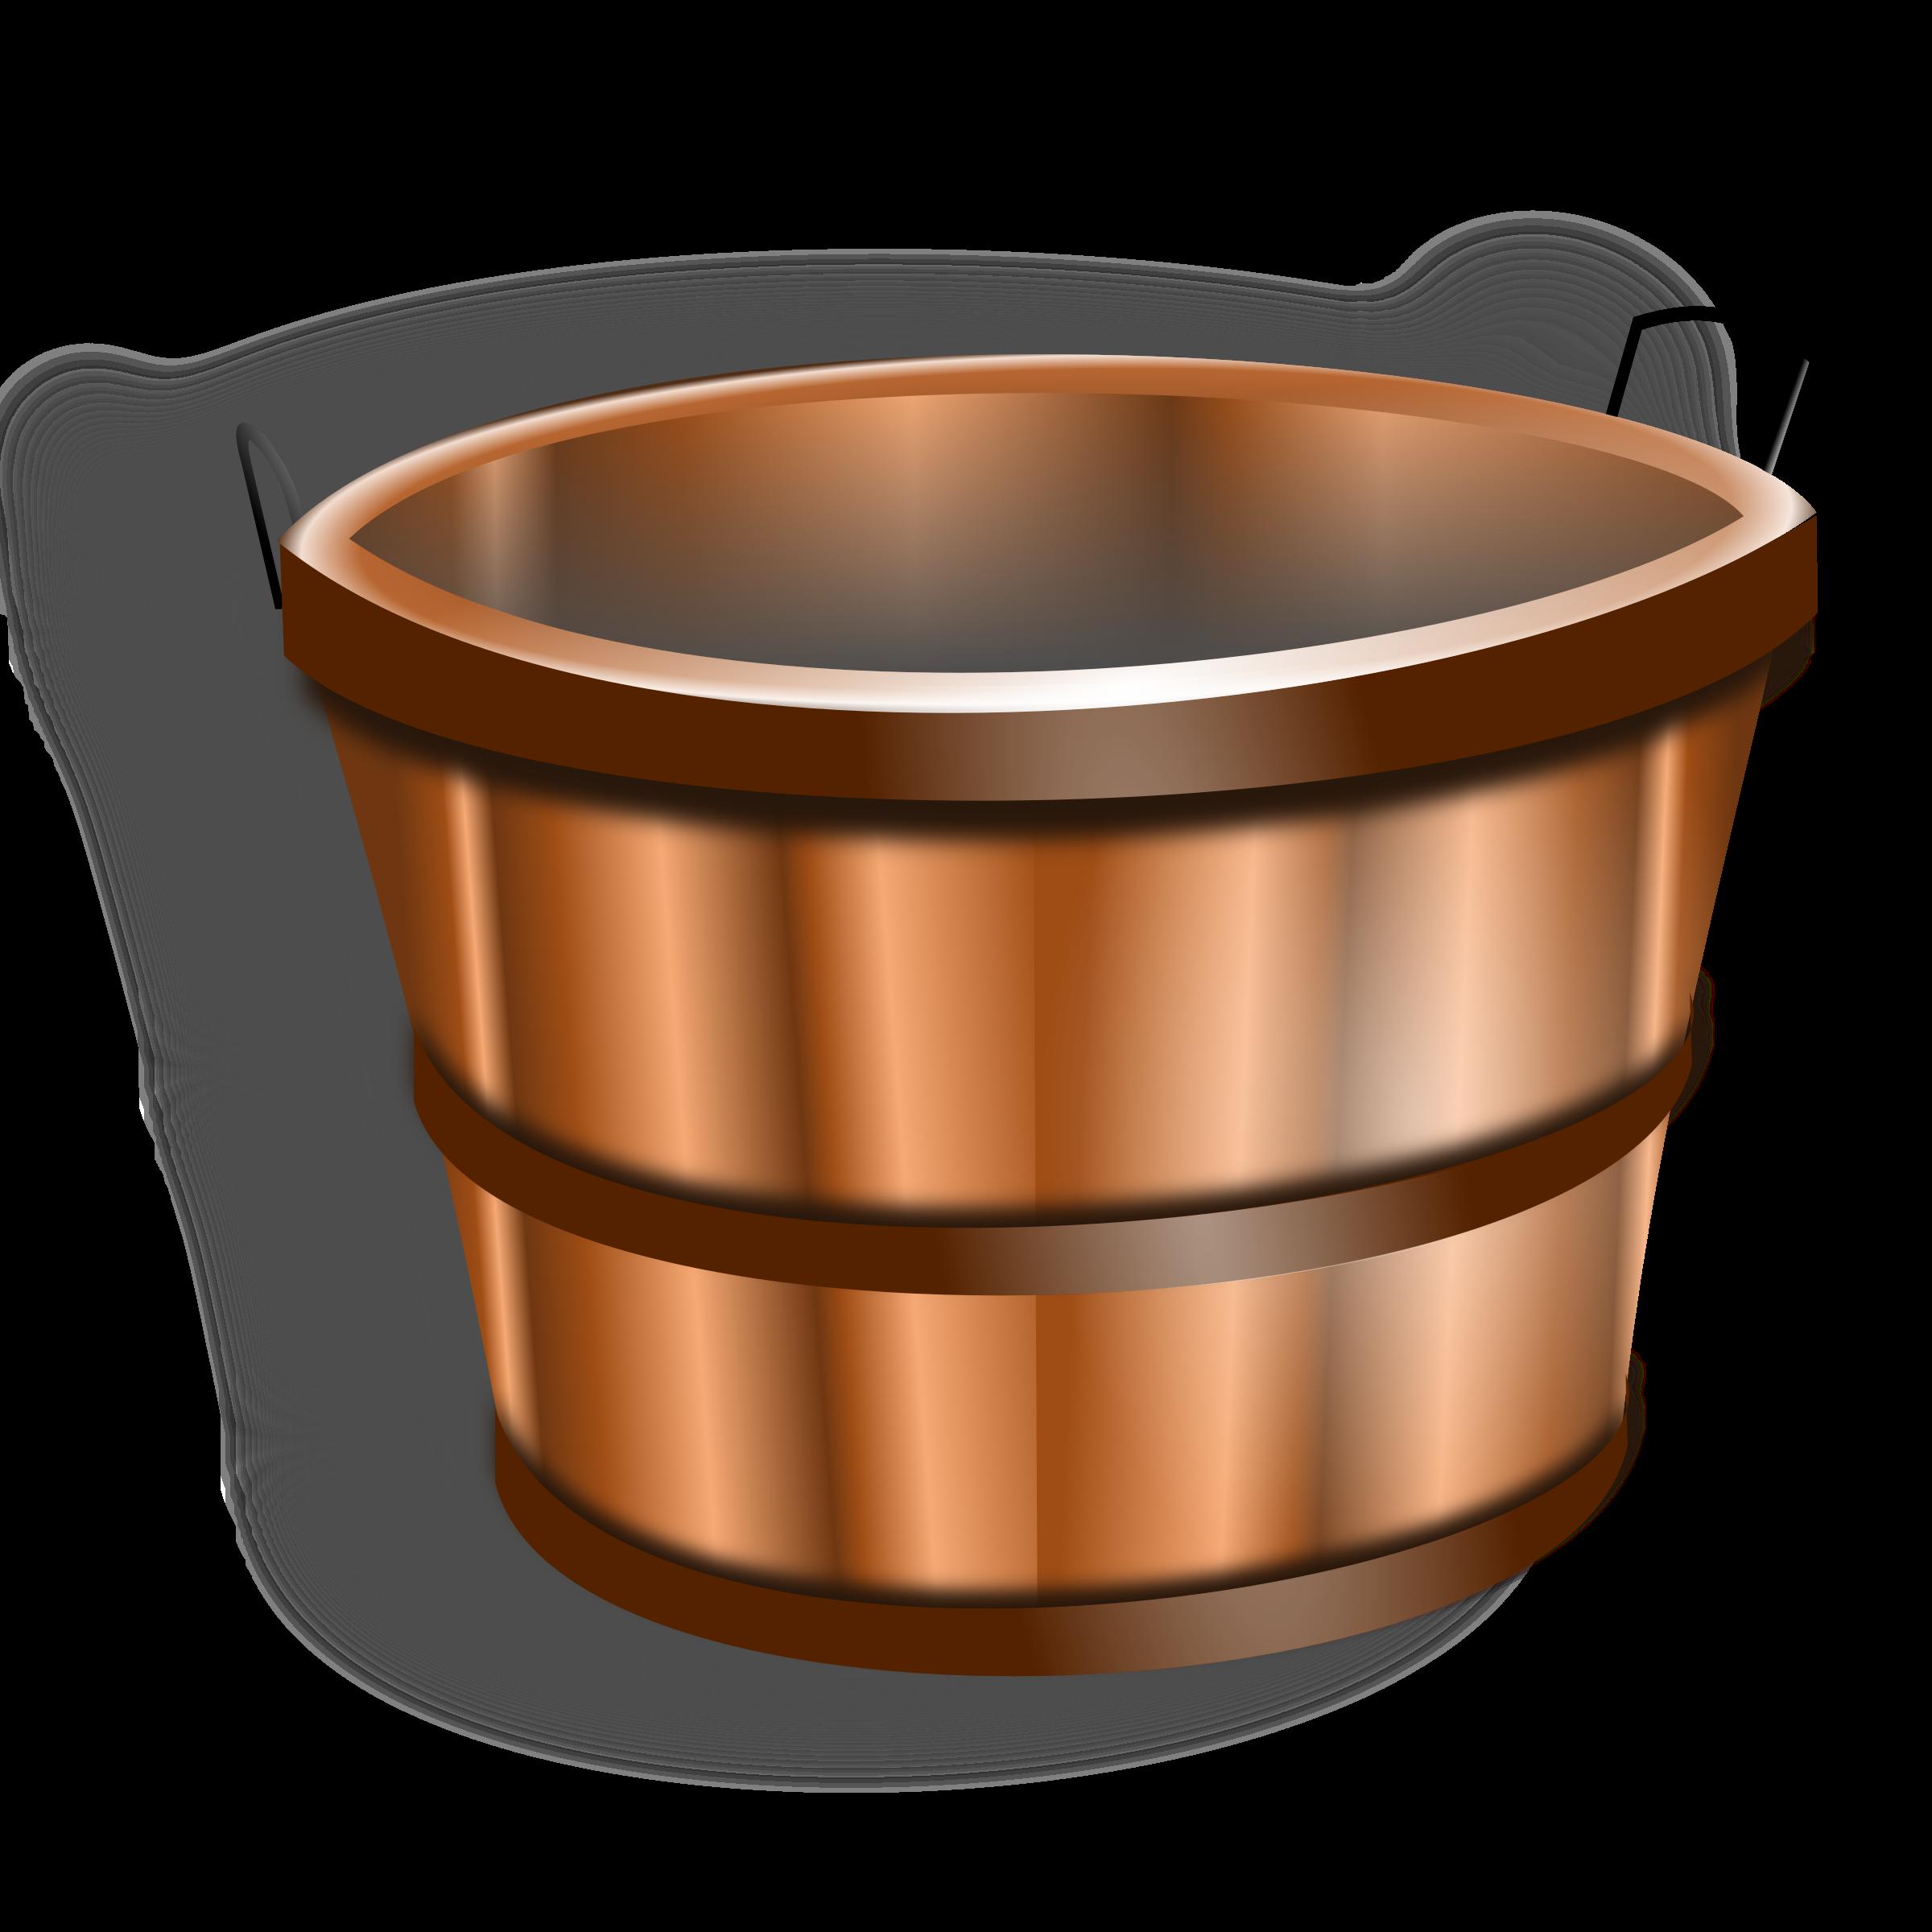 Big image png. Bucket clipart wooden bucket